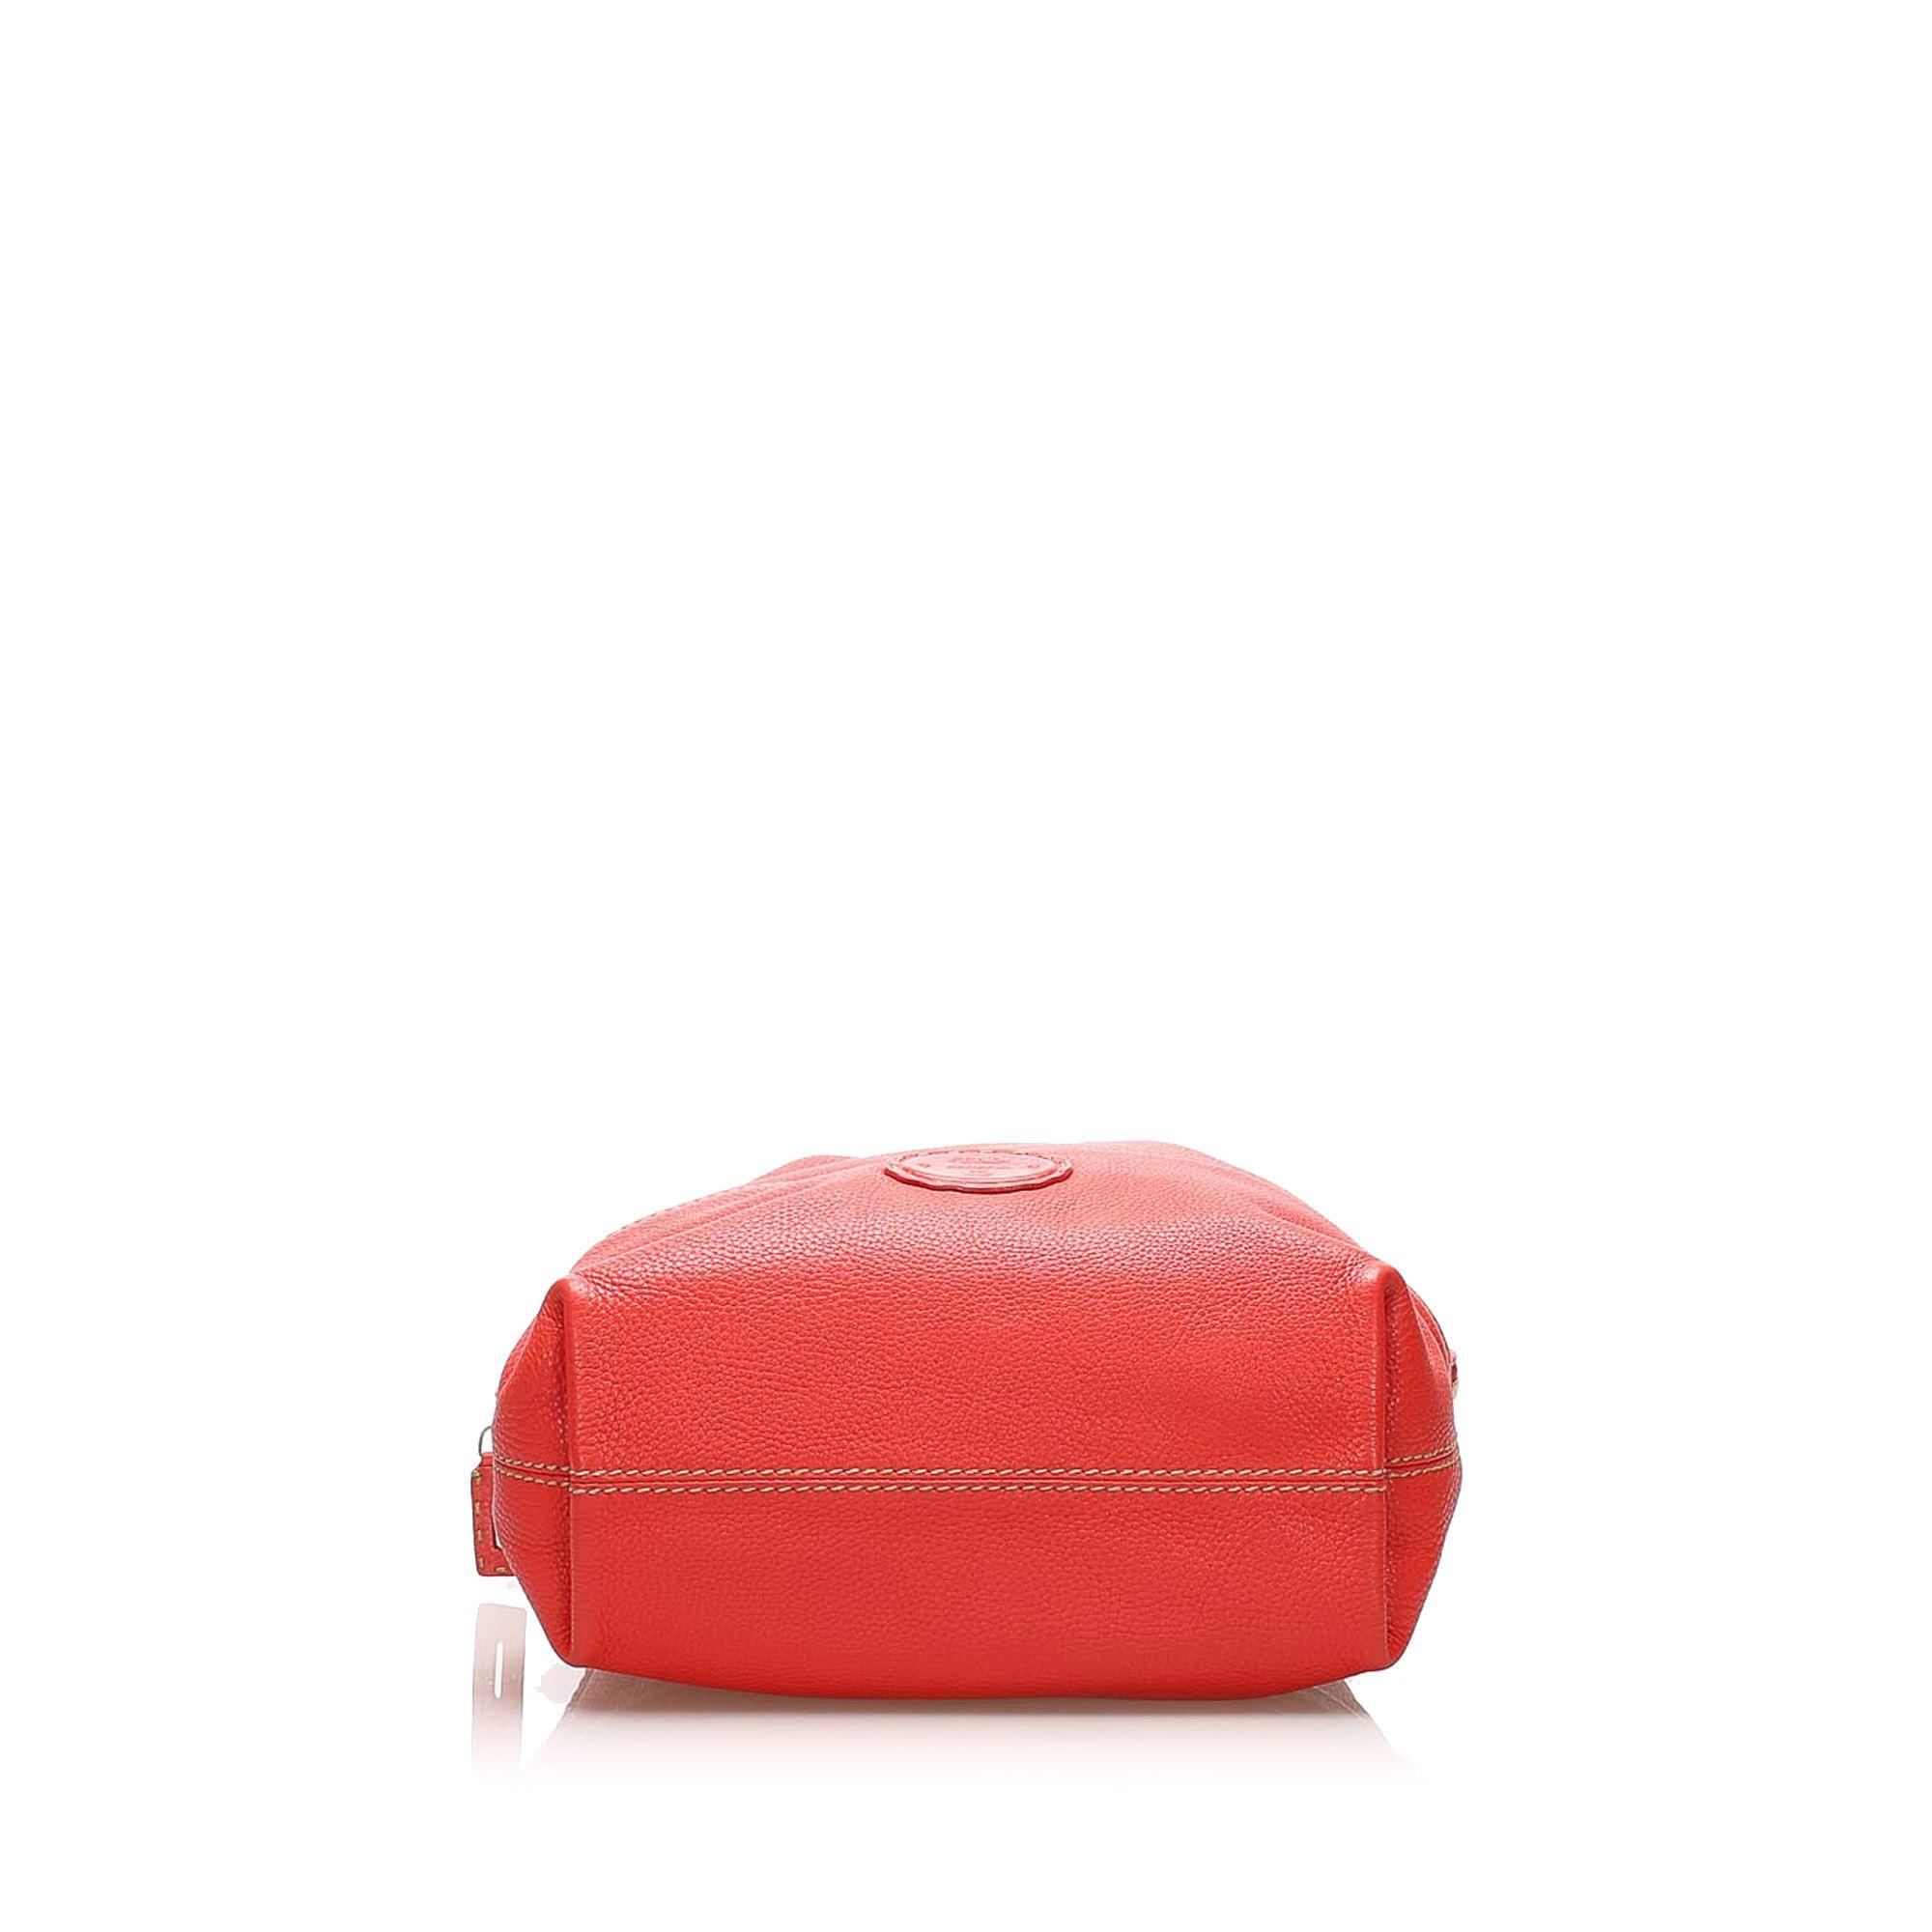 Vintage Fendi Selleria 2Bag Red